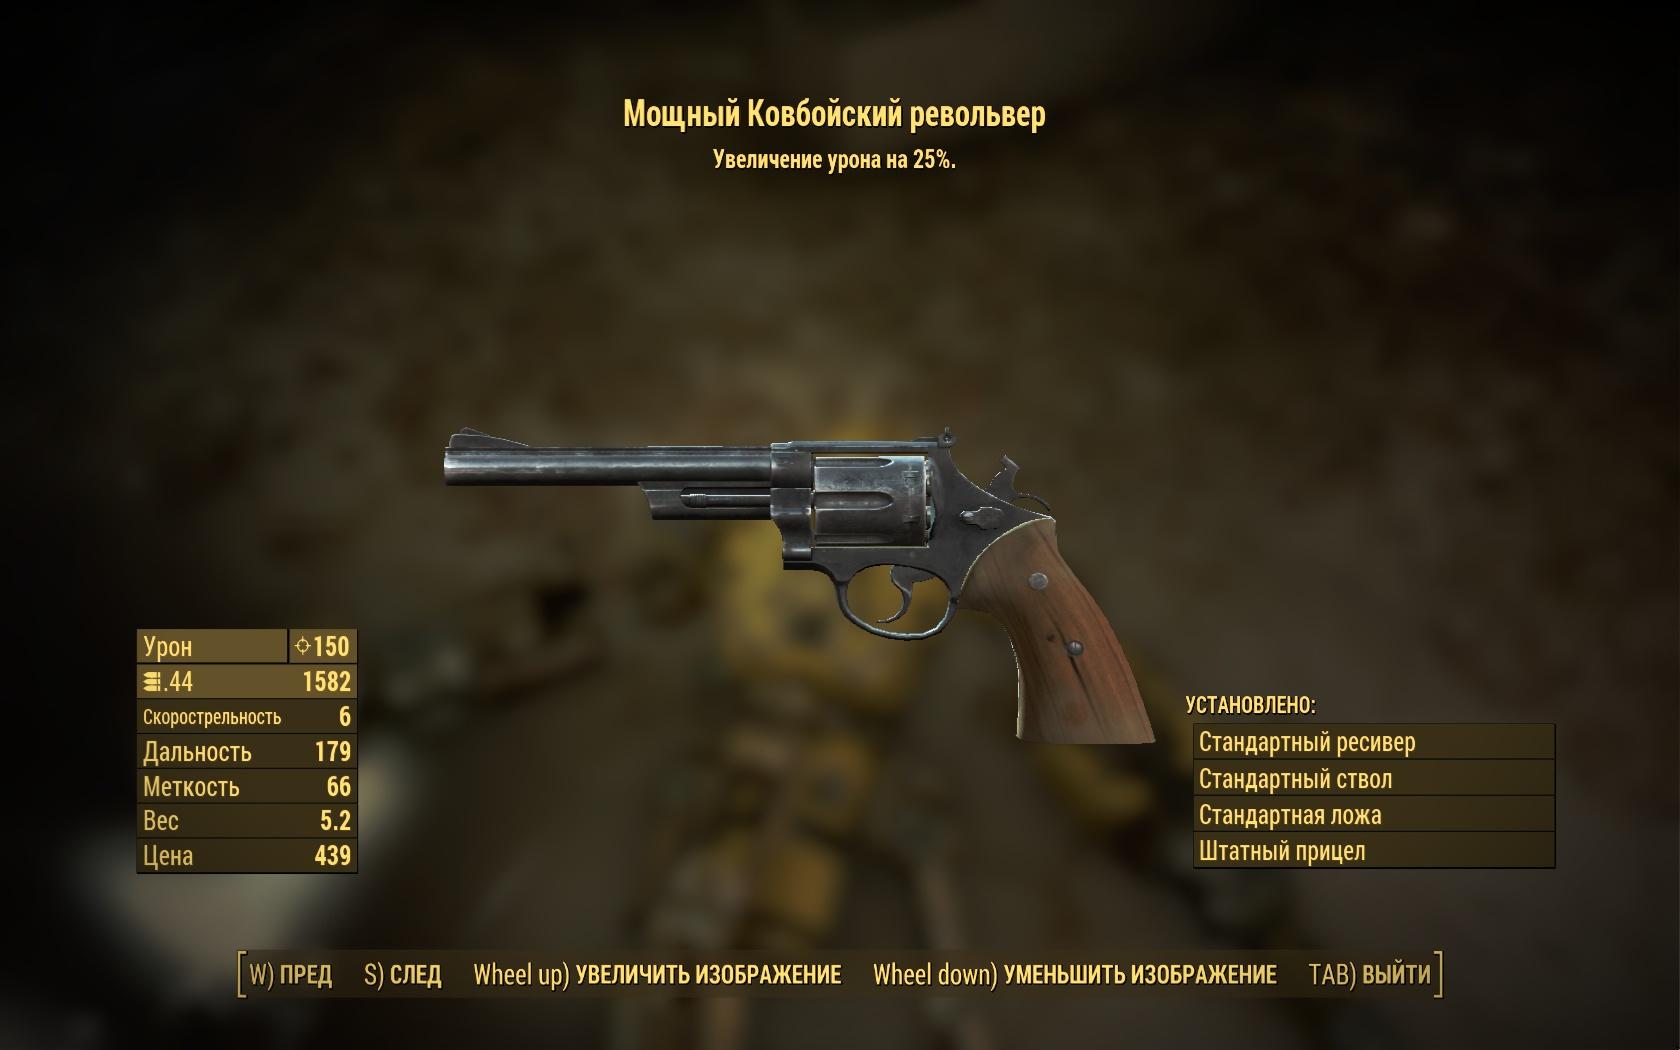 Мощный ковбойский револьвер - Fallout 4 ковбойский, Мощный, Оружие, Револьвер